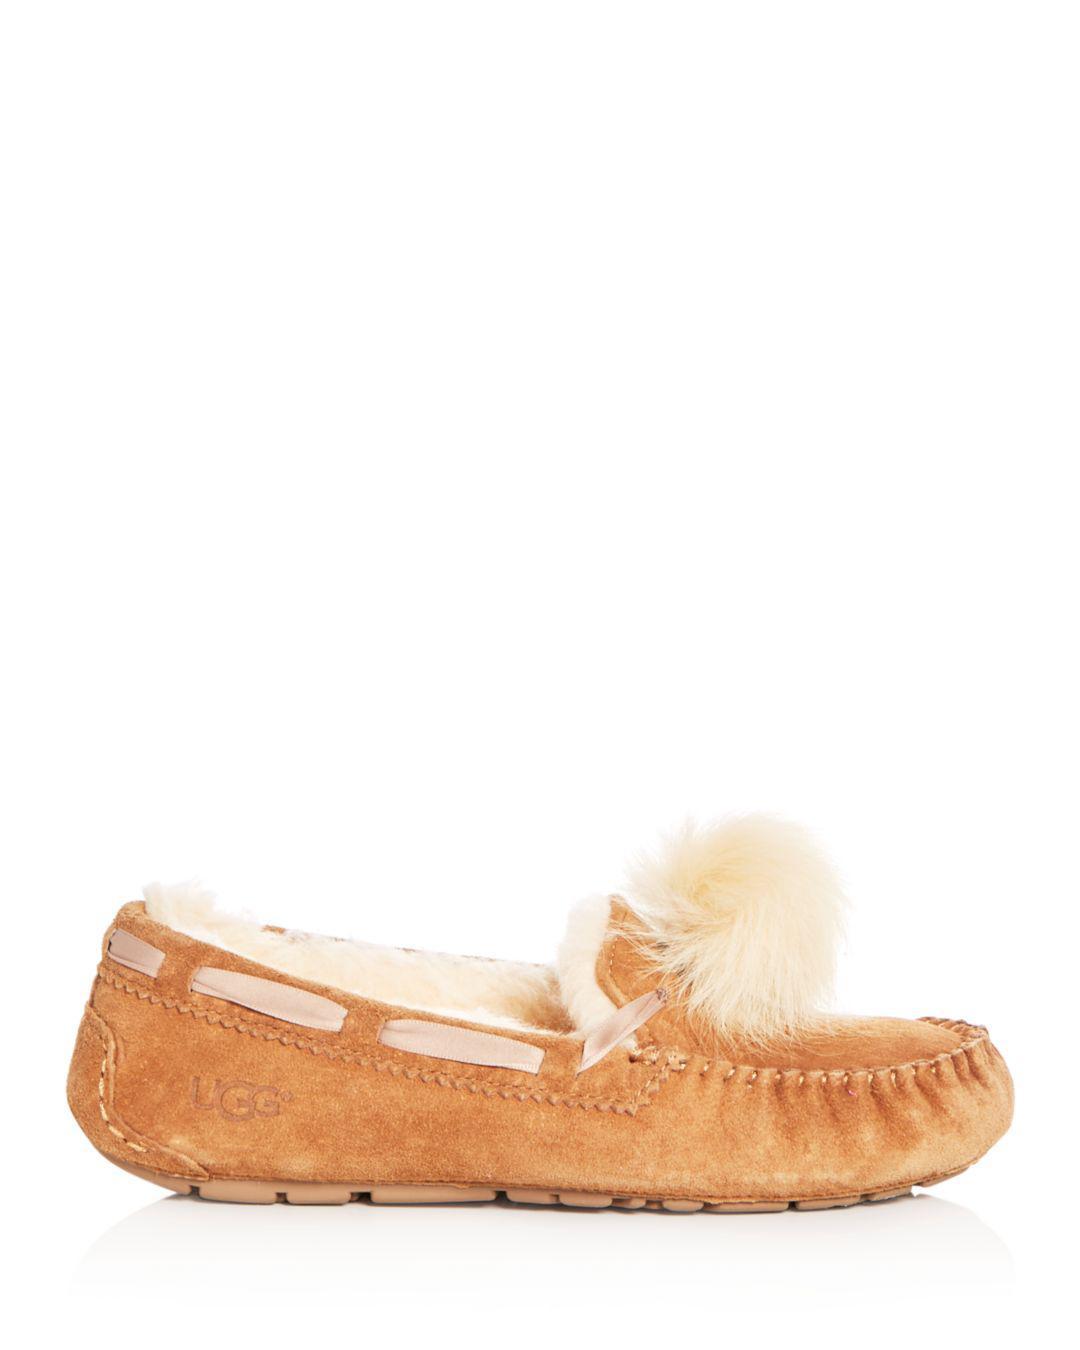 ab4c55c0a464 Lyst - UGG Women s Dakota Sheepskin Pom-pom Slippers in Brown